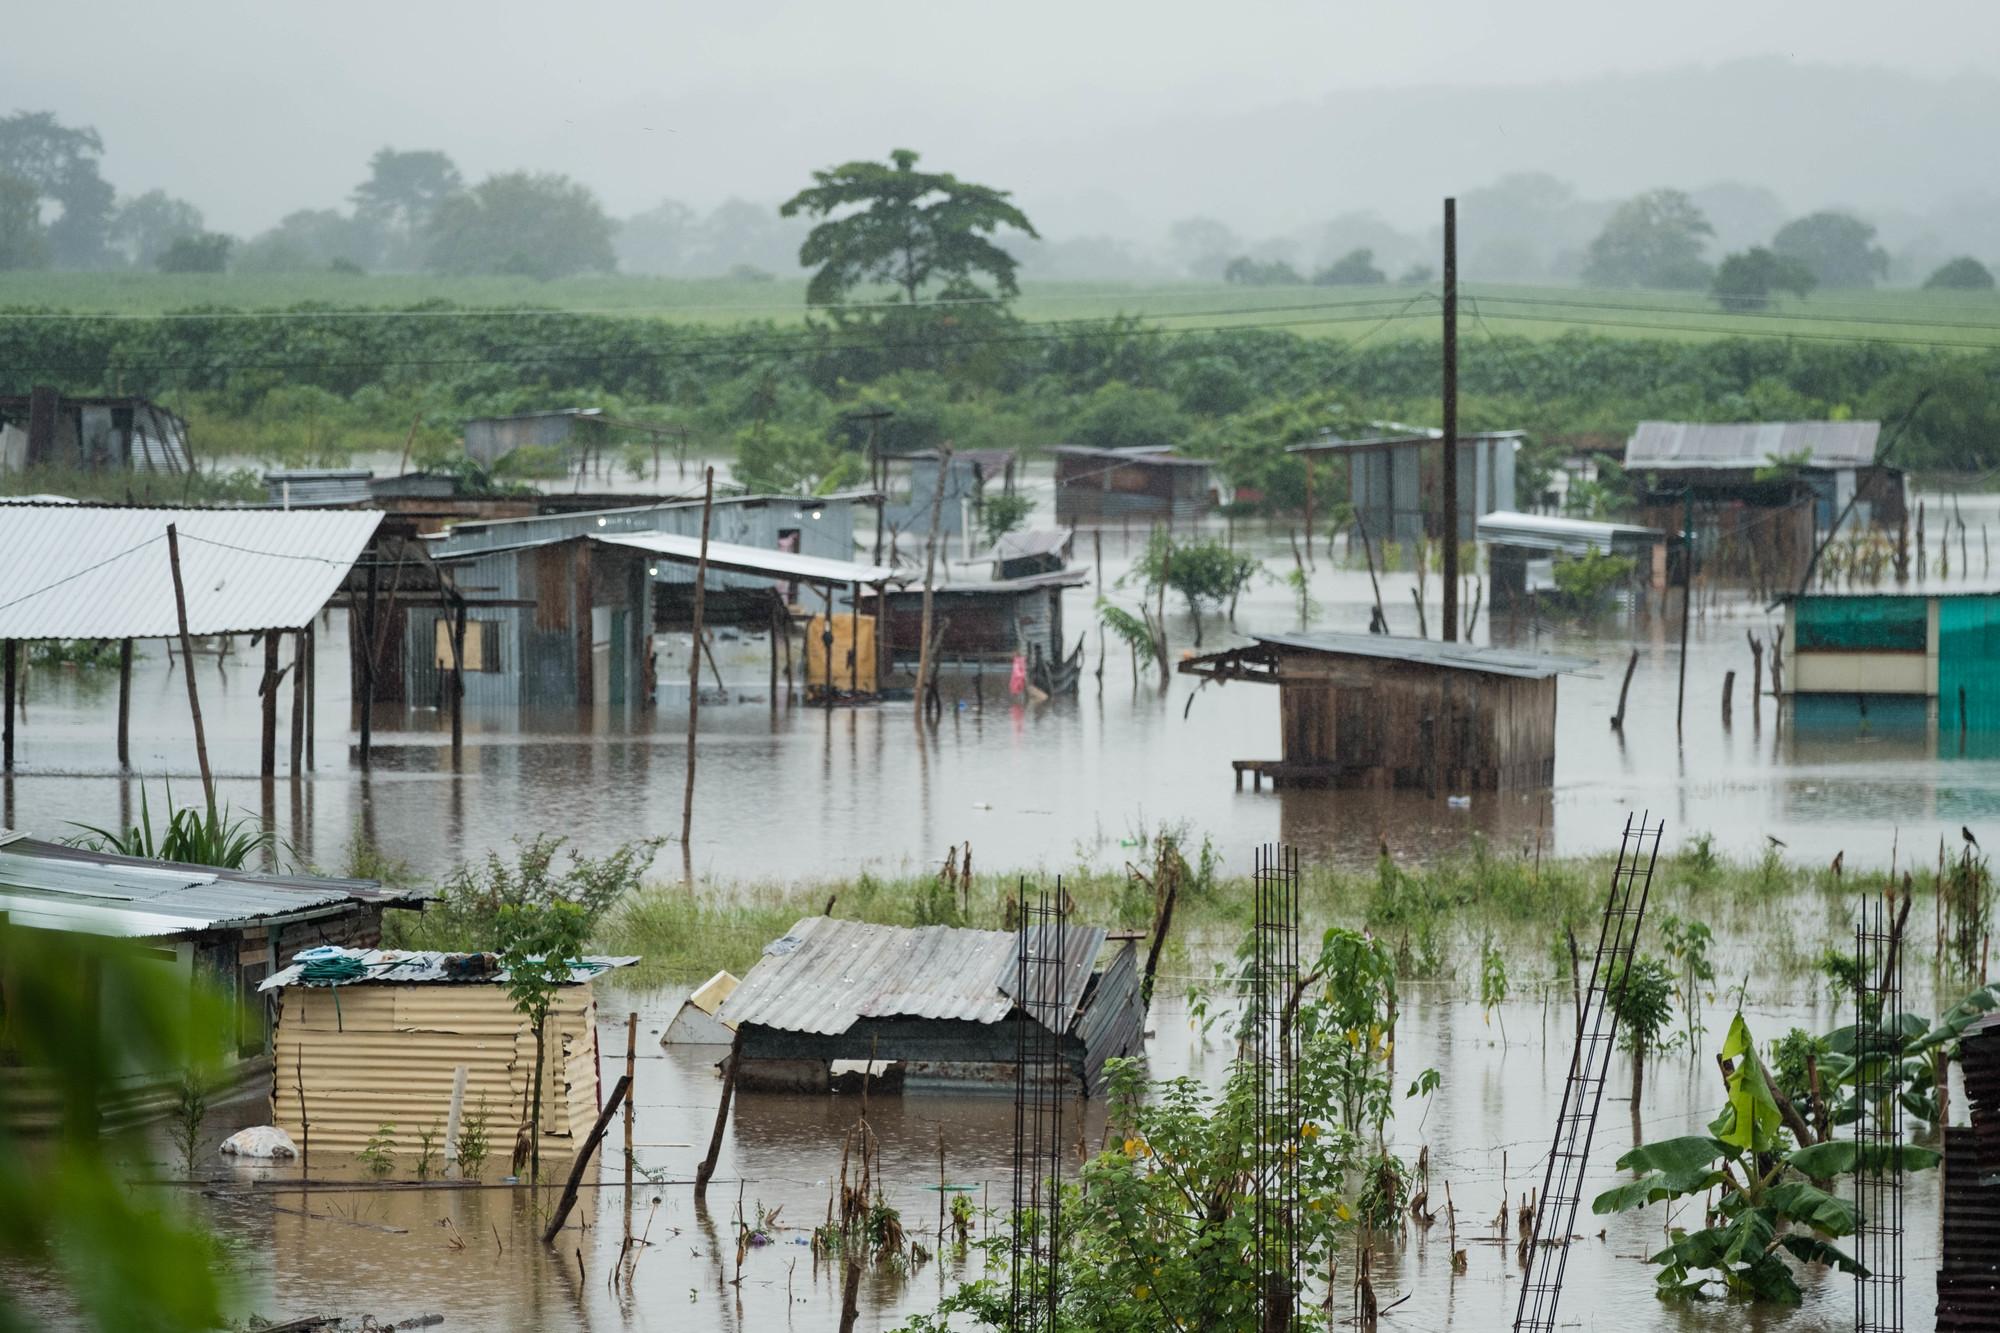 Una ciudad está inundada de agua que casi llega a la parte superior de los edificios.